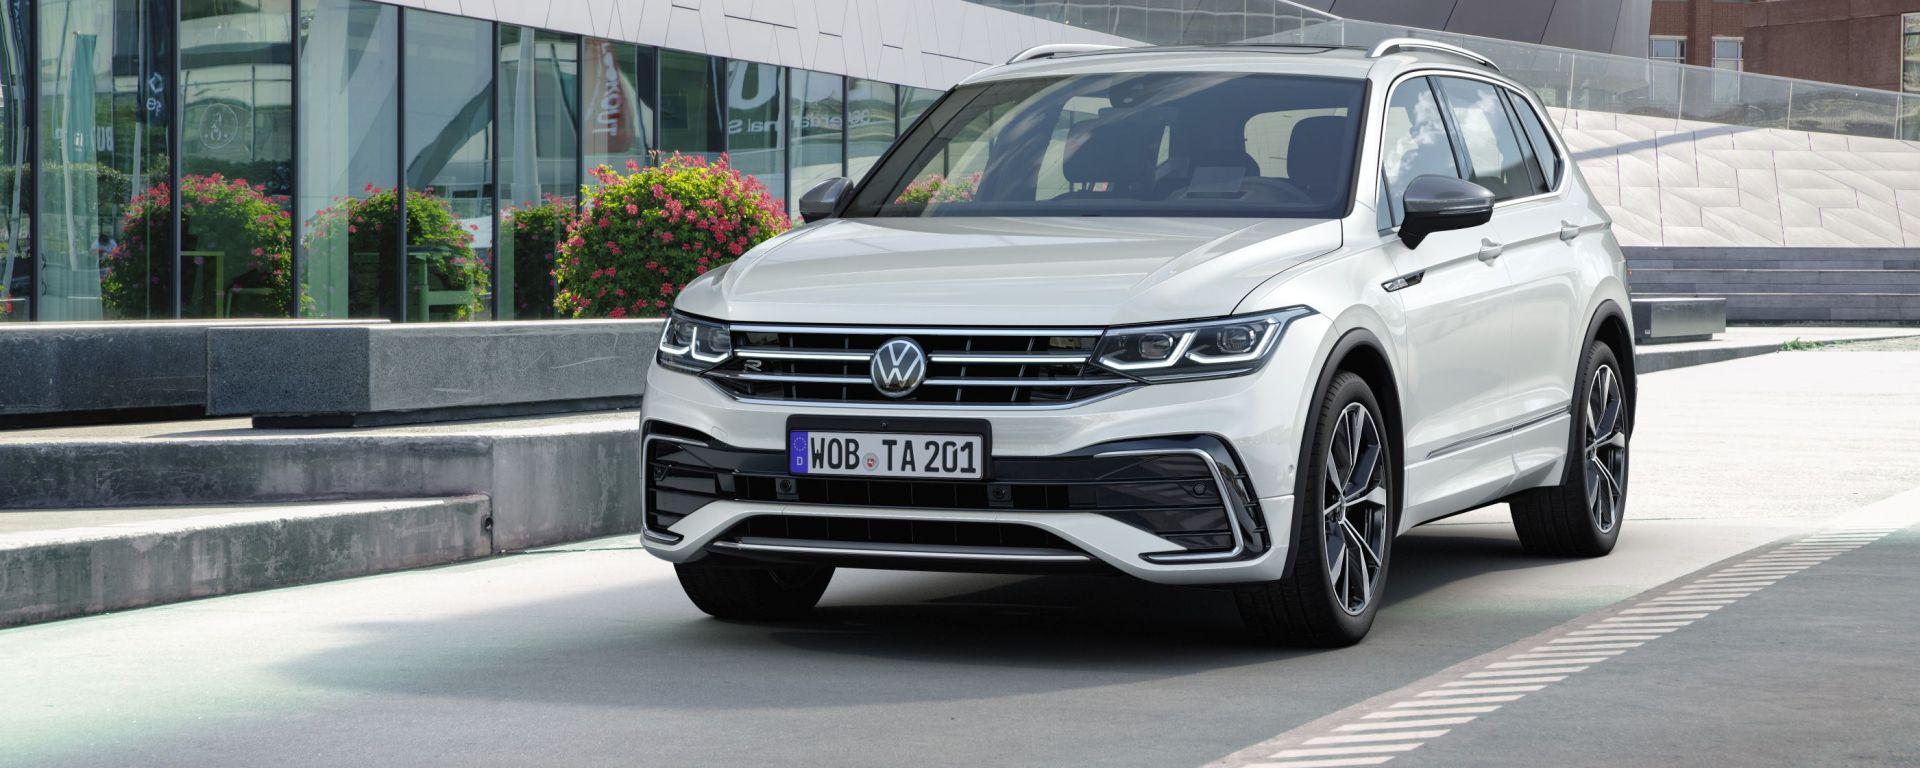 Volkswagen Tiguan Allspace 2021: il facelift della versione a passo lungo